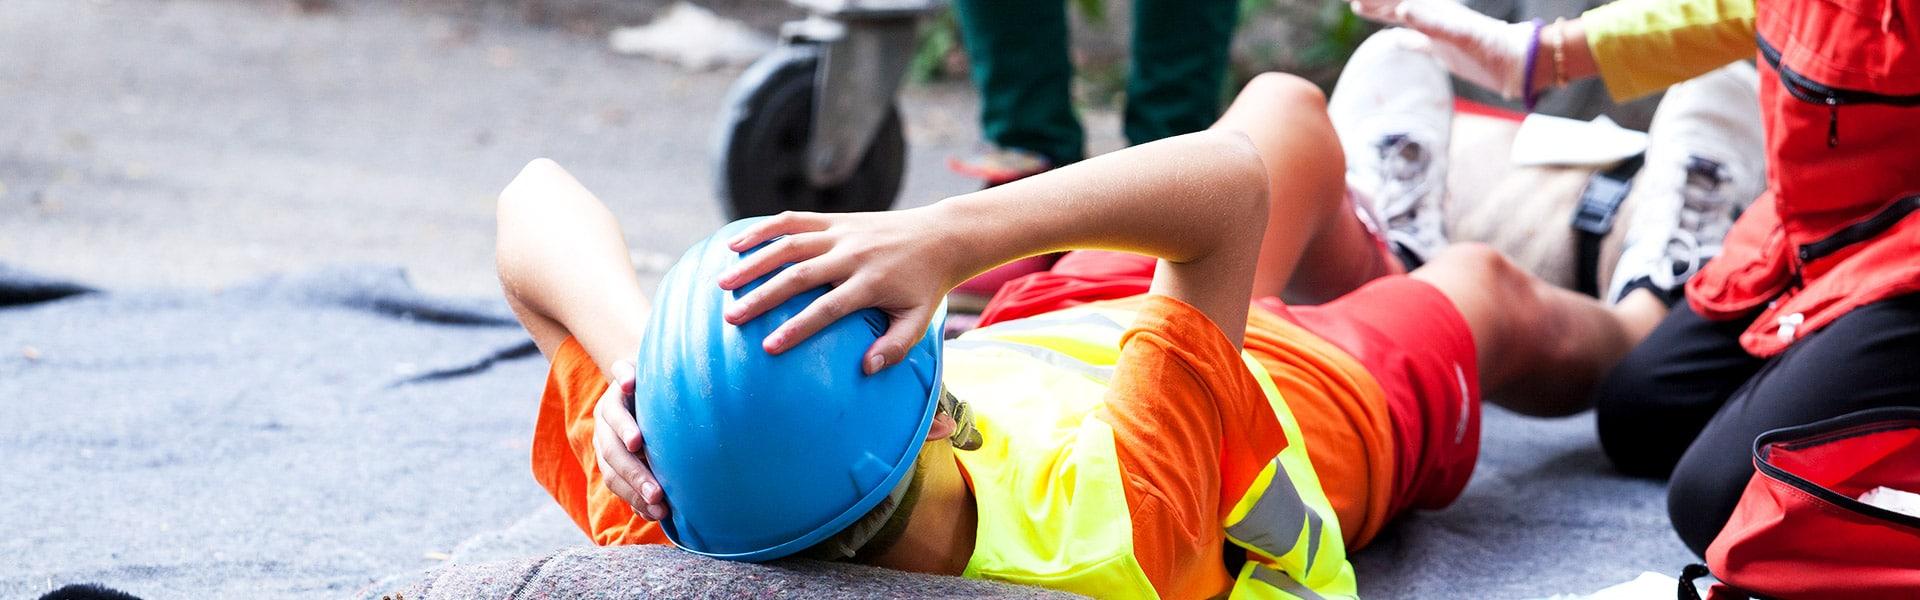 ¿Qué es un accidente de trabajo y cómo prevenirlo?